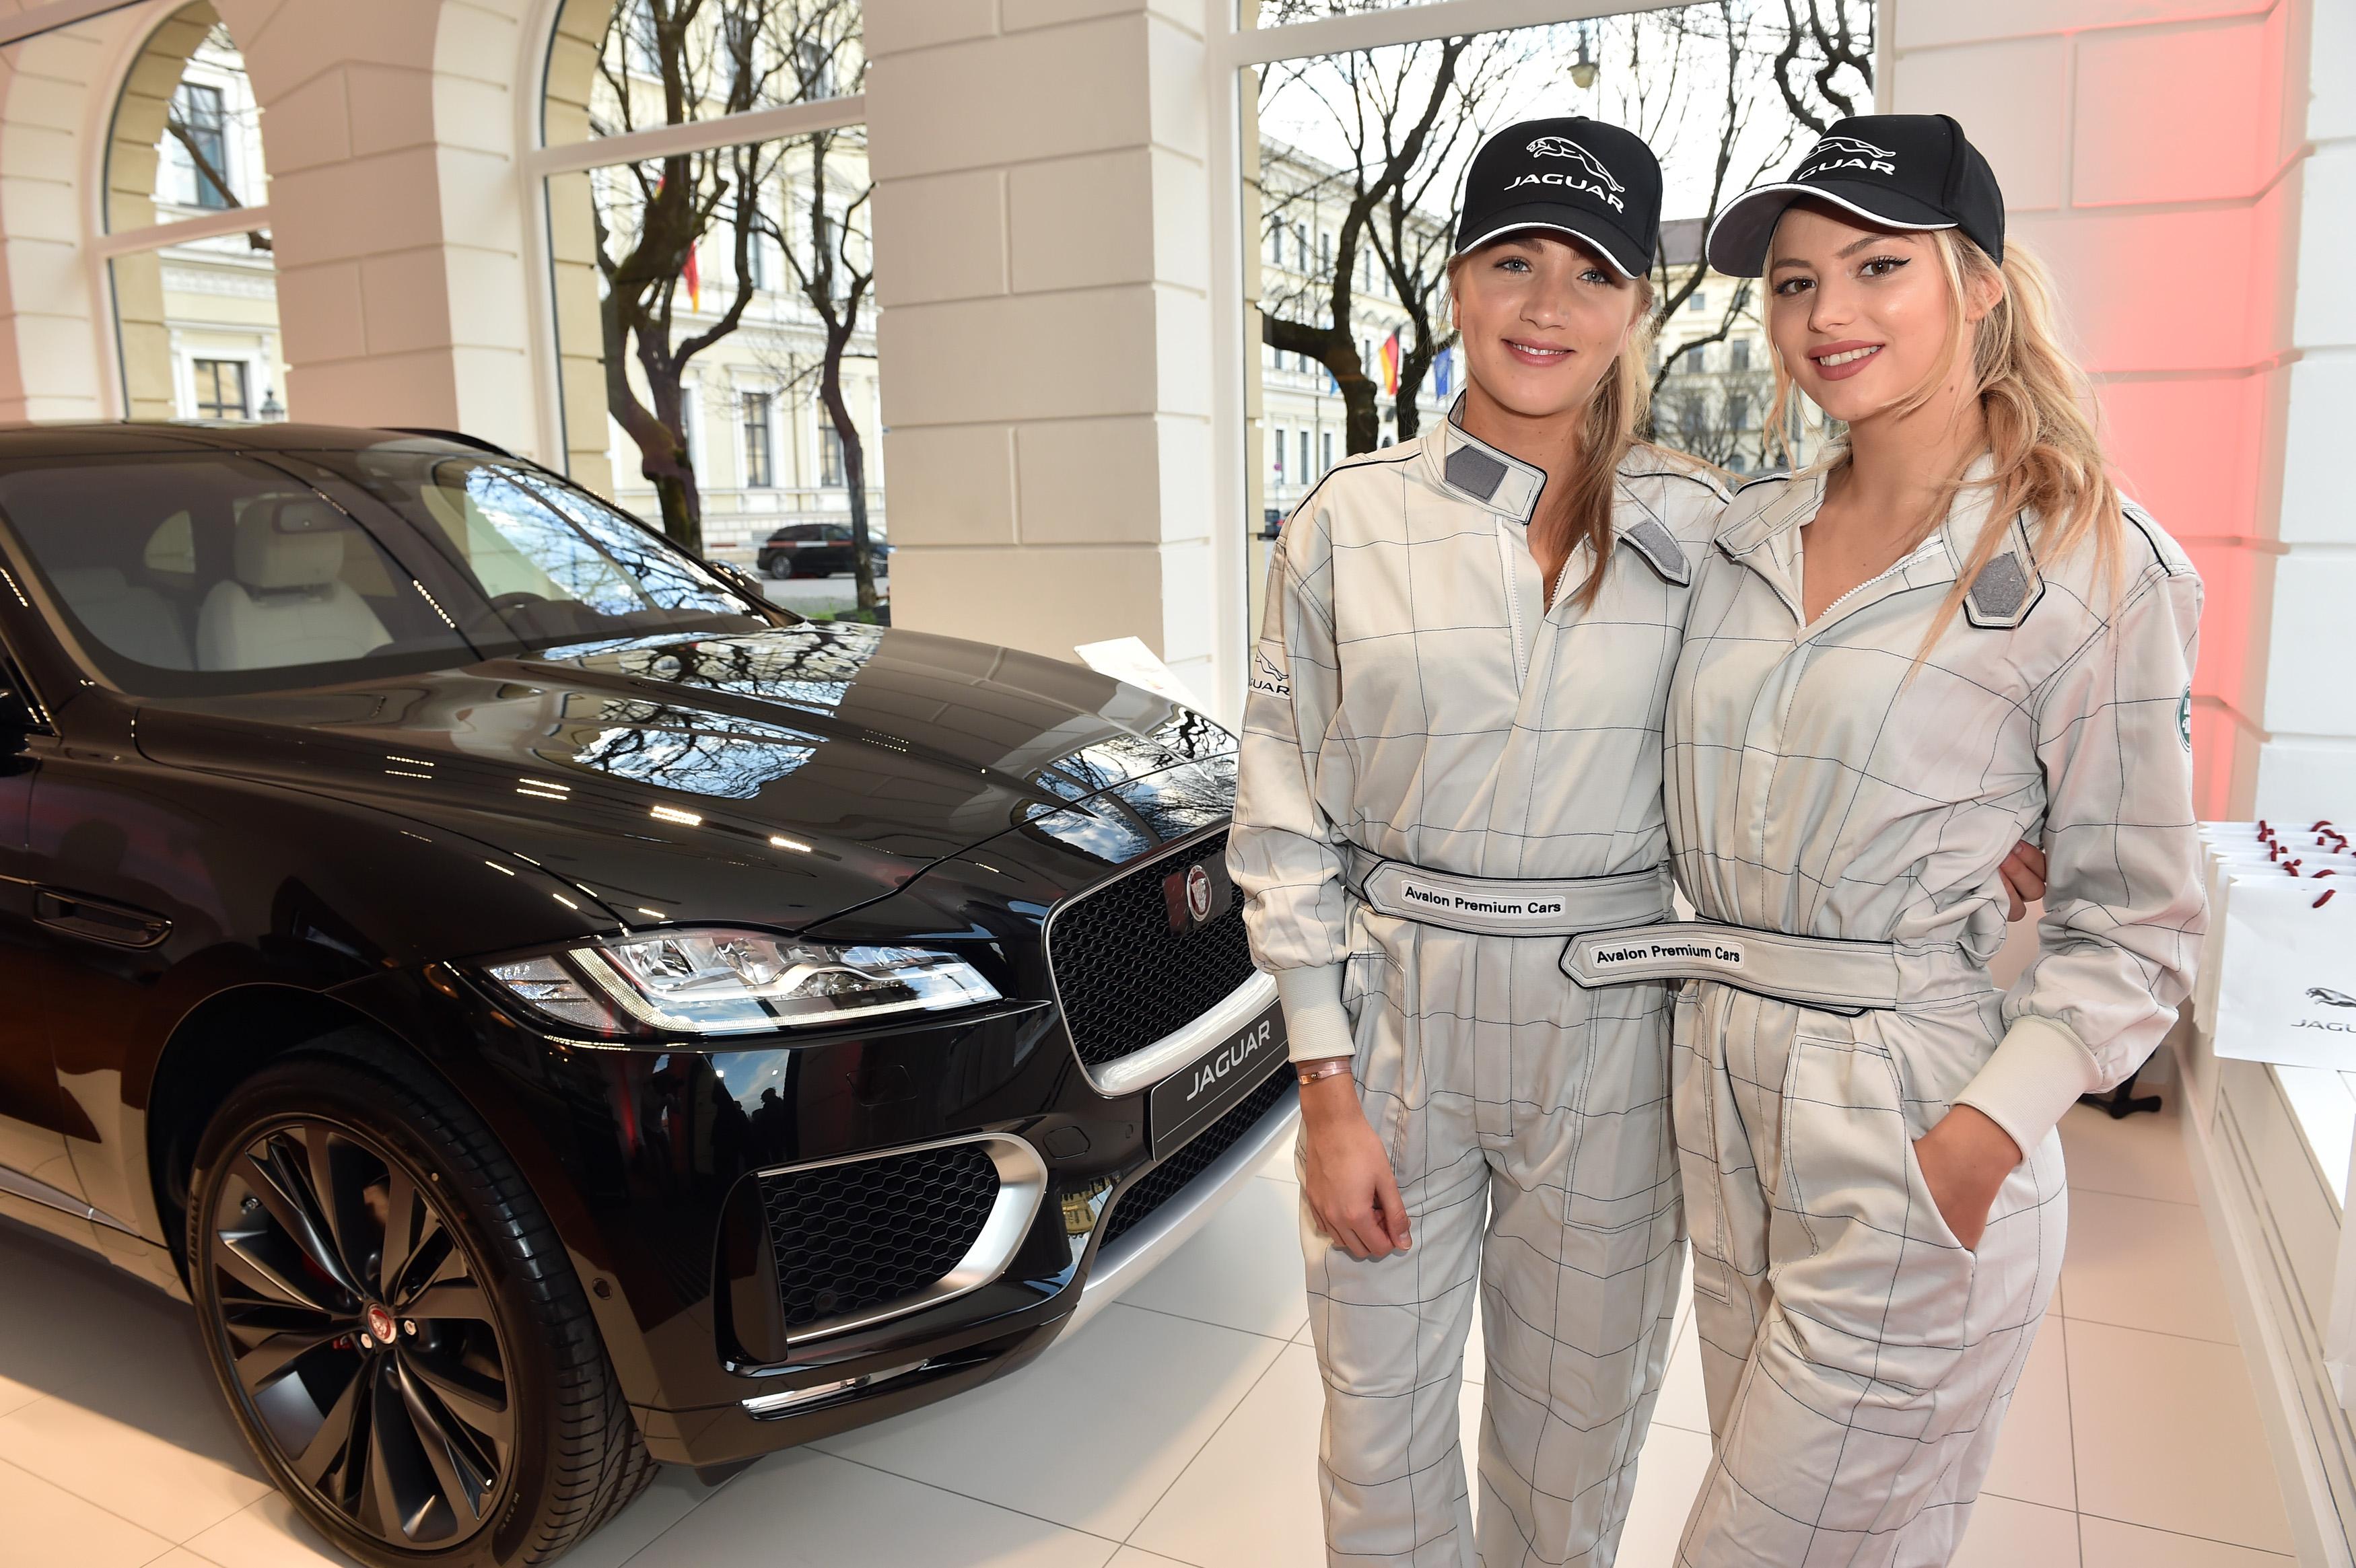 Models Teresa and Vivienne pose during the Jaguar presentation of the new Jaguar F-Pace at Jaguar & Landrover- Markenboutique Odeonsplatz on April 15, 2016 in Munich, Germany.